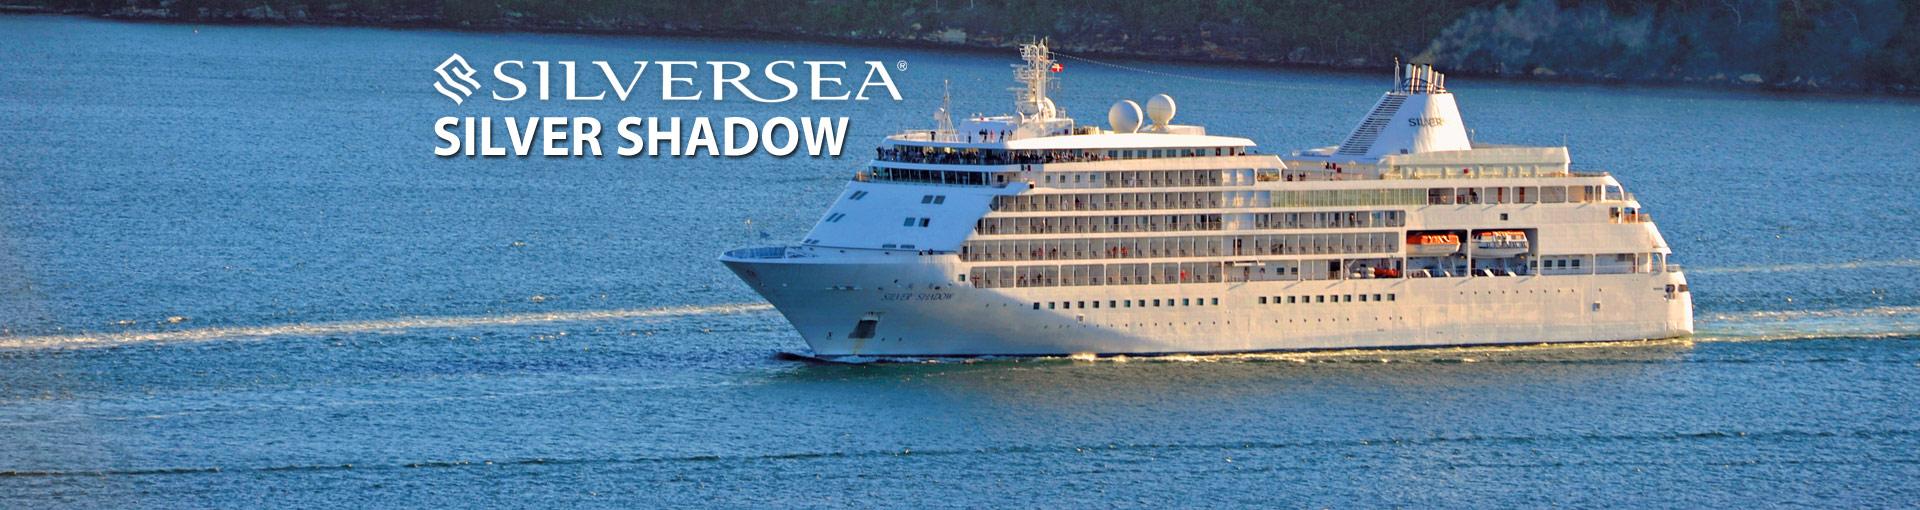 Silverseas Silver Shadow Cruise Ship And Silver Shadow - Silver shadow cruise ship itinerary